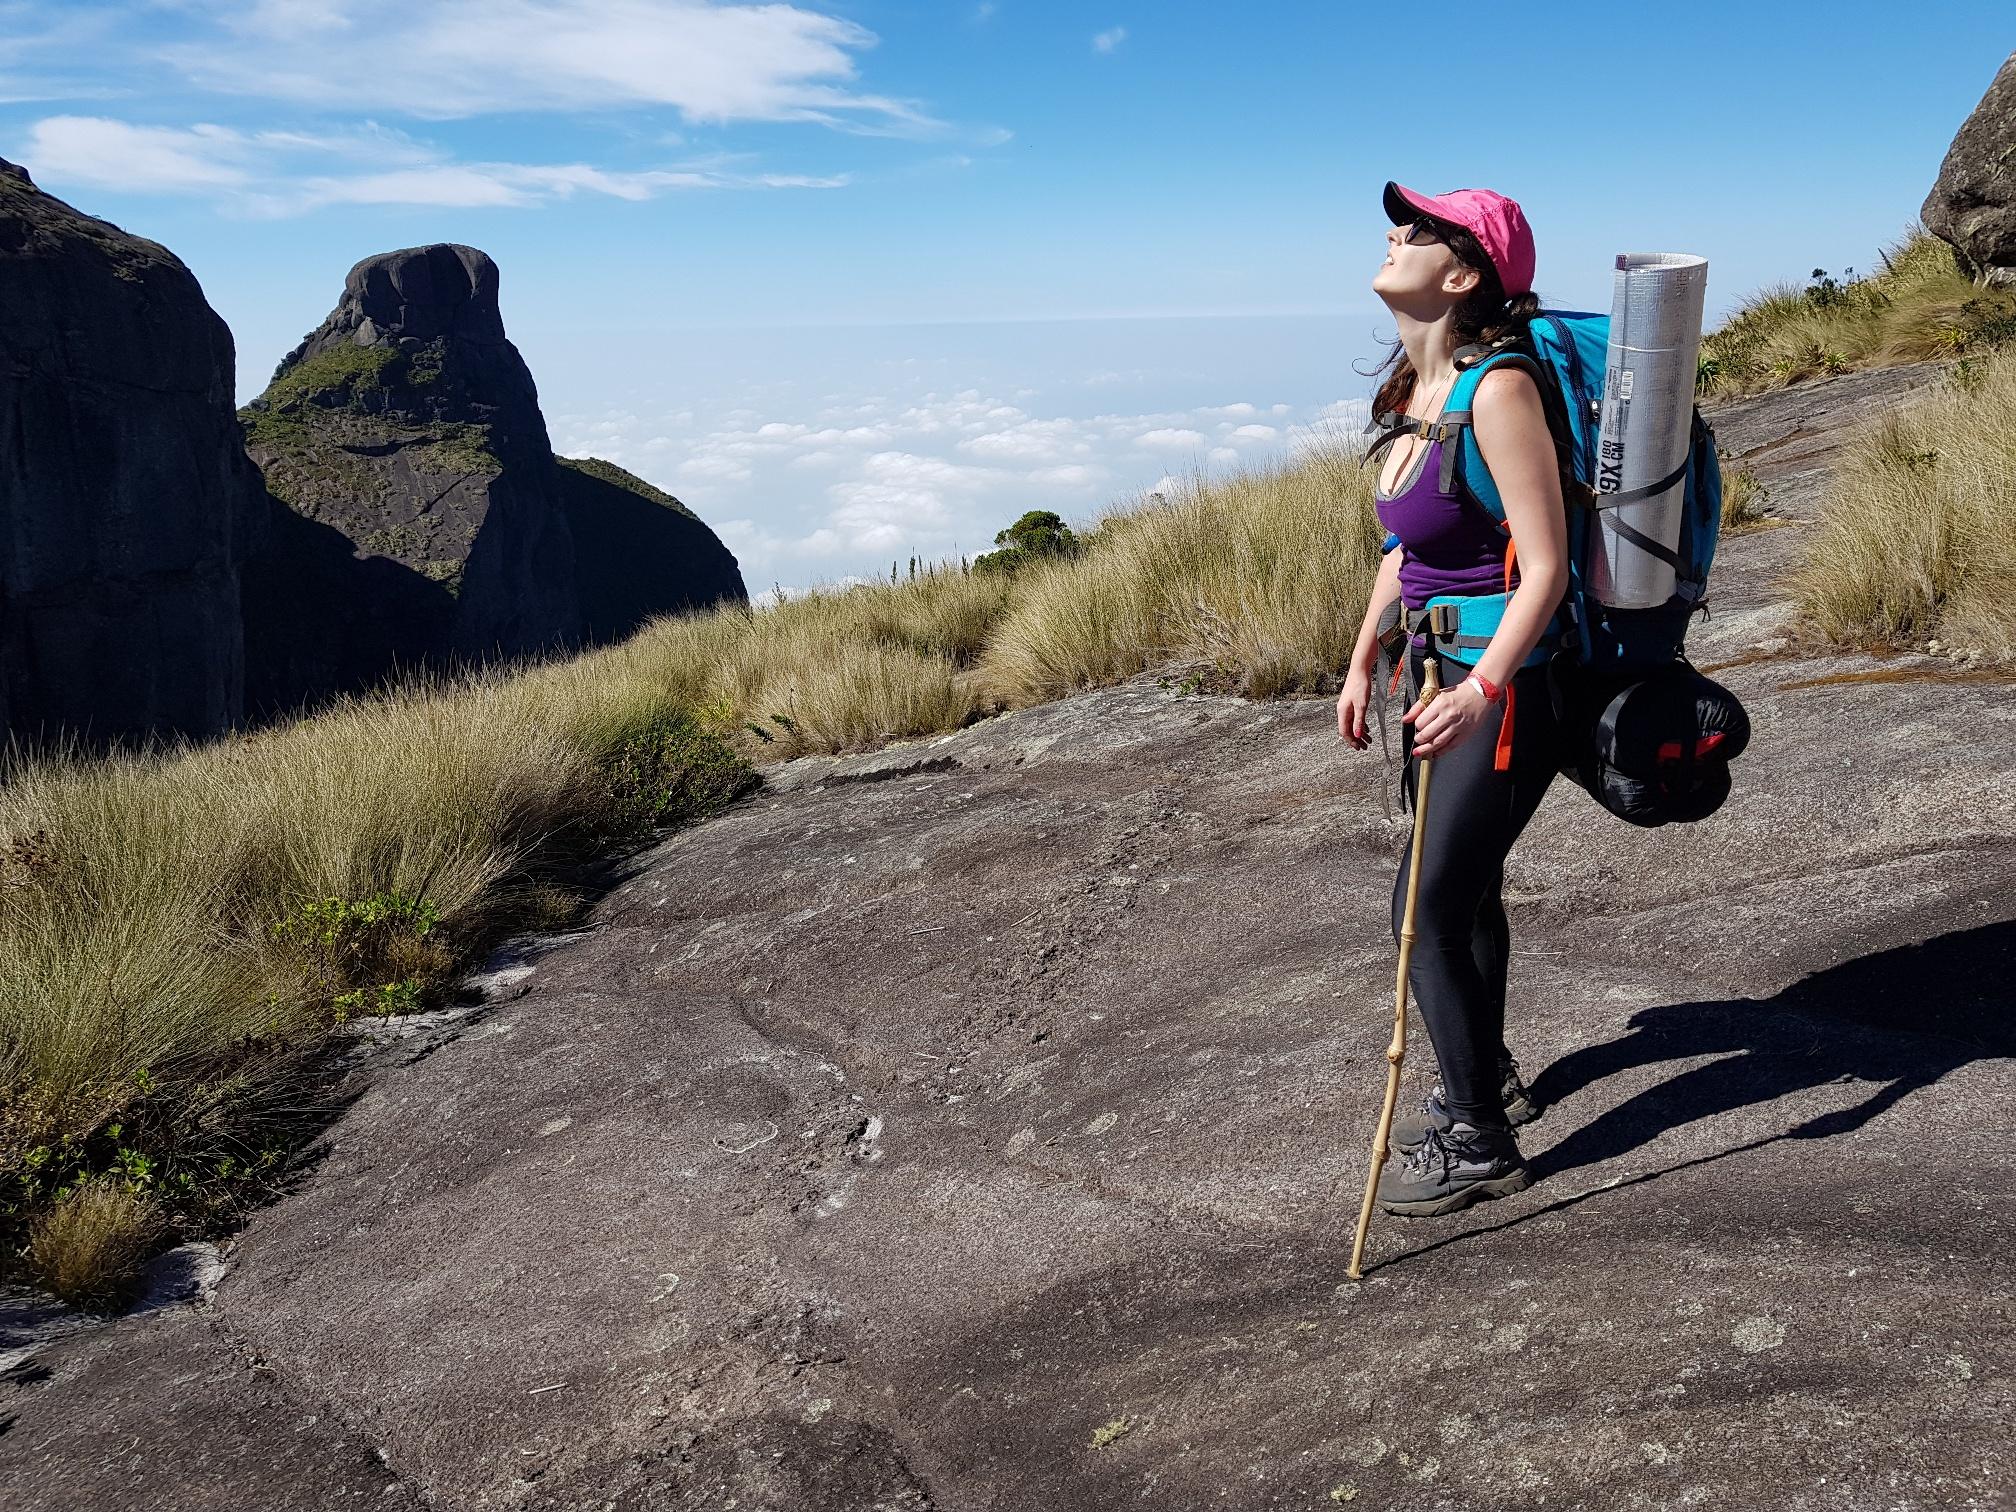 trilha com equipamentos para camping selvagem